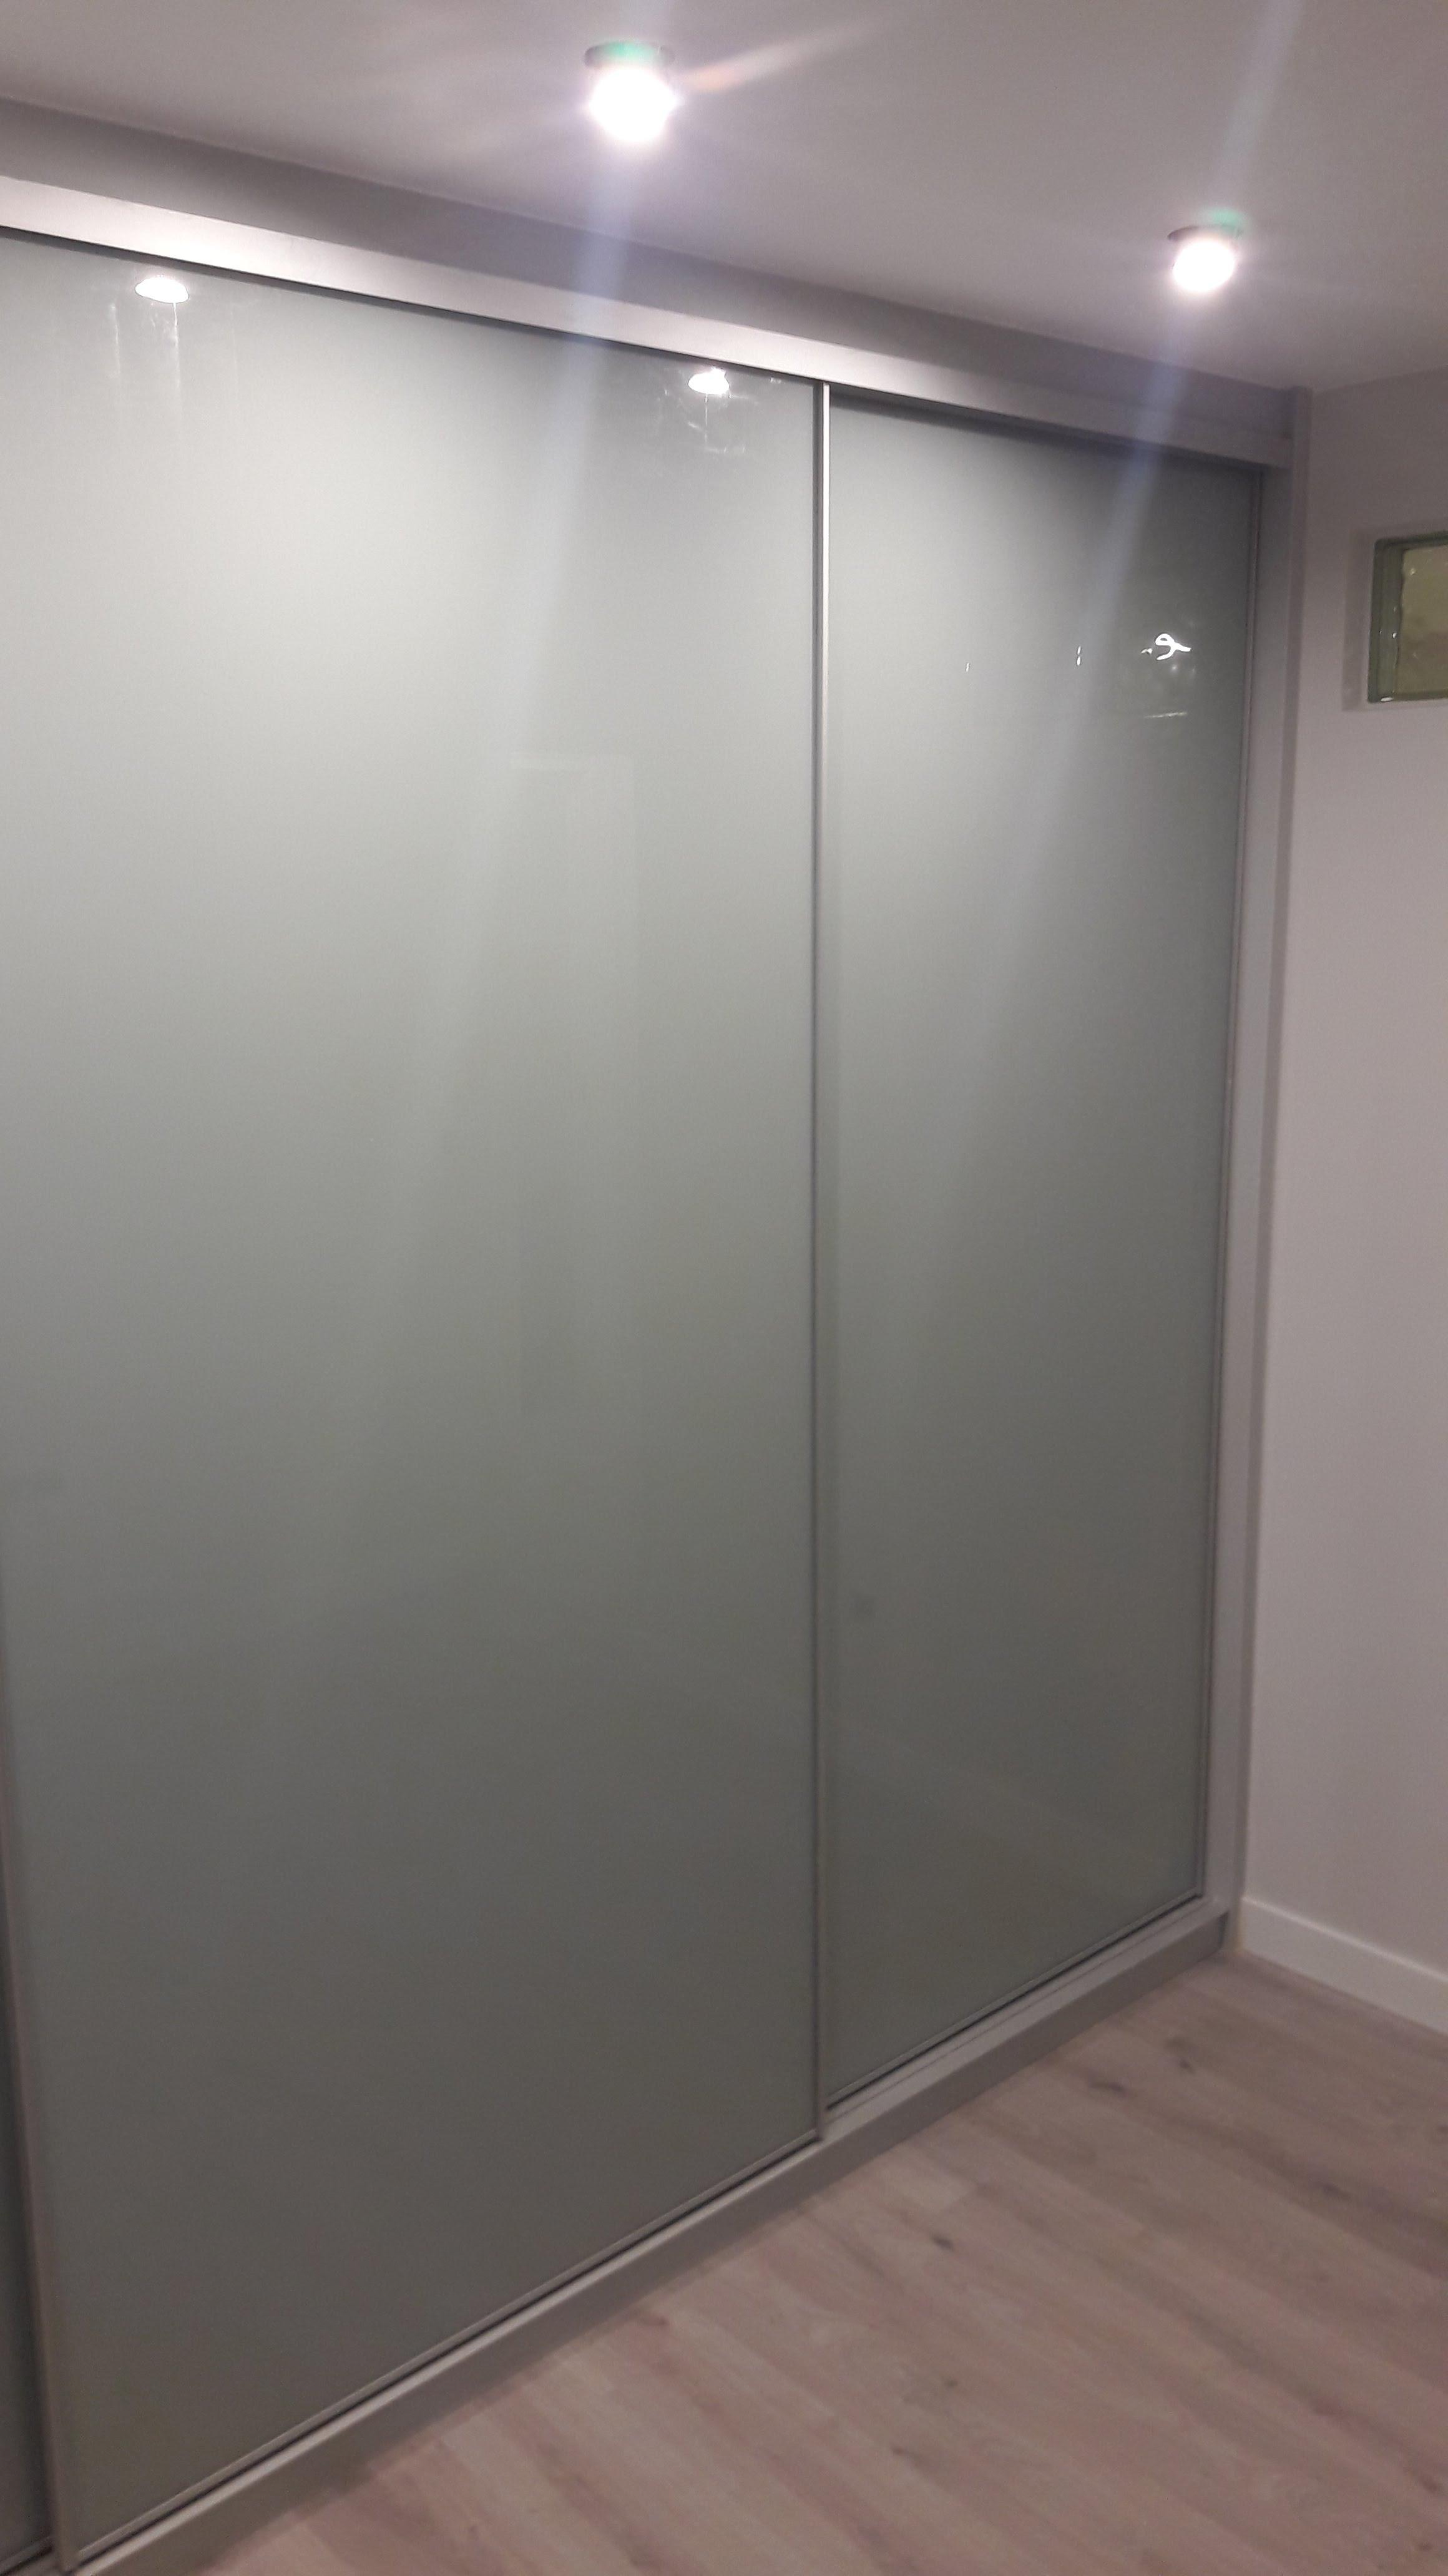 Armarios con puertas de cristal egur lanak - Armarios con puertas de cristal ...